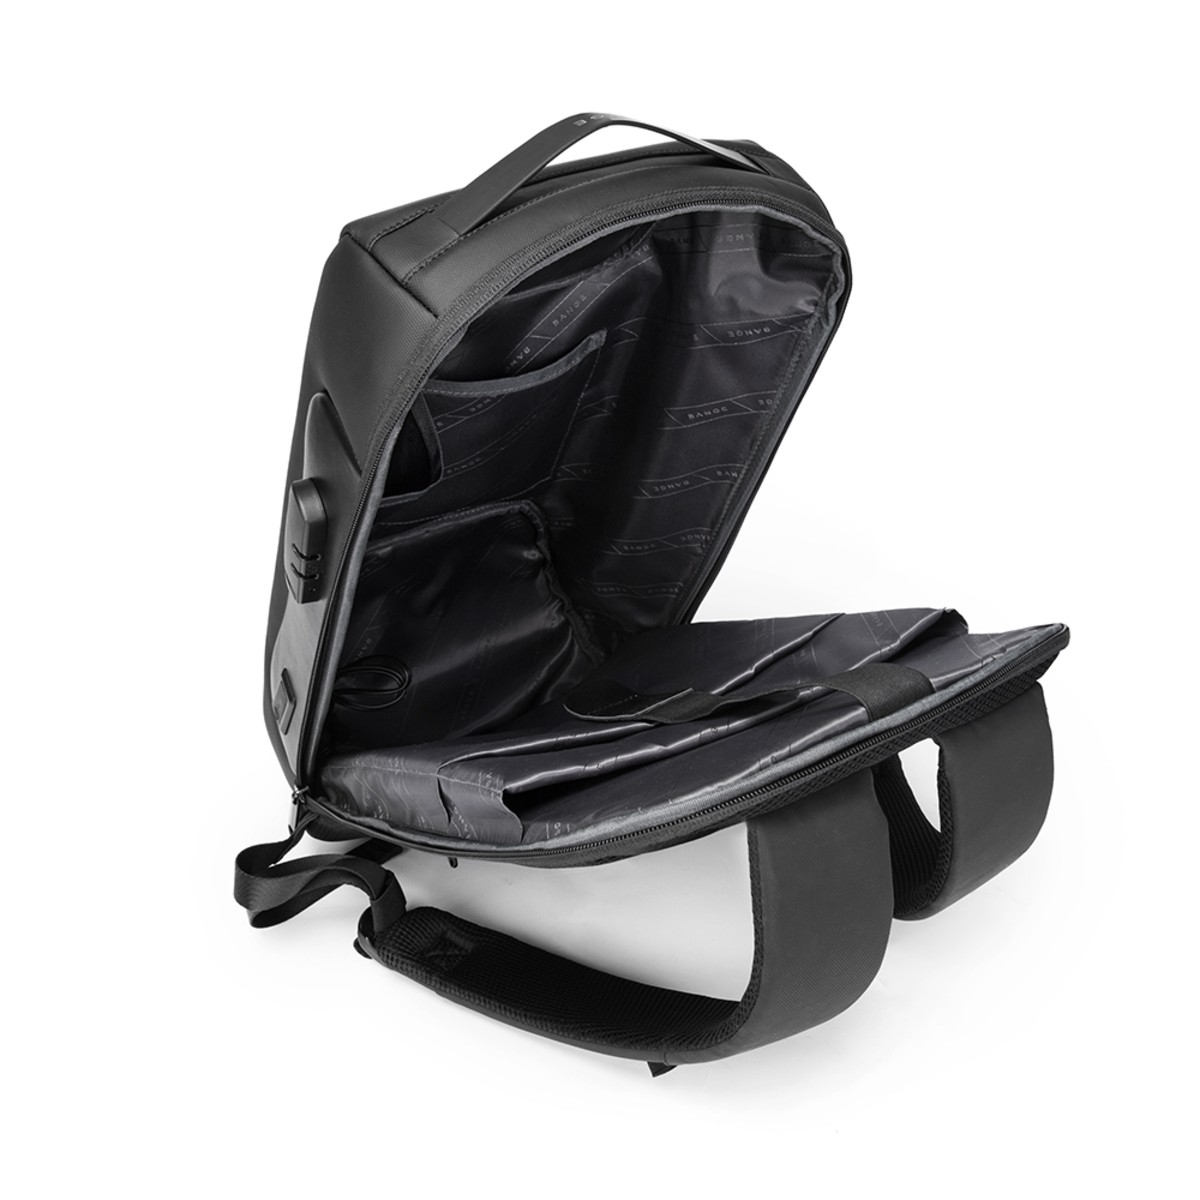 Mochila Masculina Executiva Impermeável Antifurto com Trava e Código para Notebooks de Até 15.6 Polegadas Premium Com Detalhes em Couro Legítimo com Capacidade de 30 Litros Bange Premium Backpack